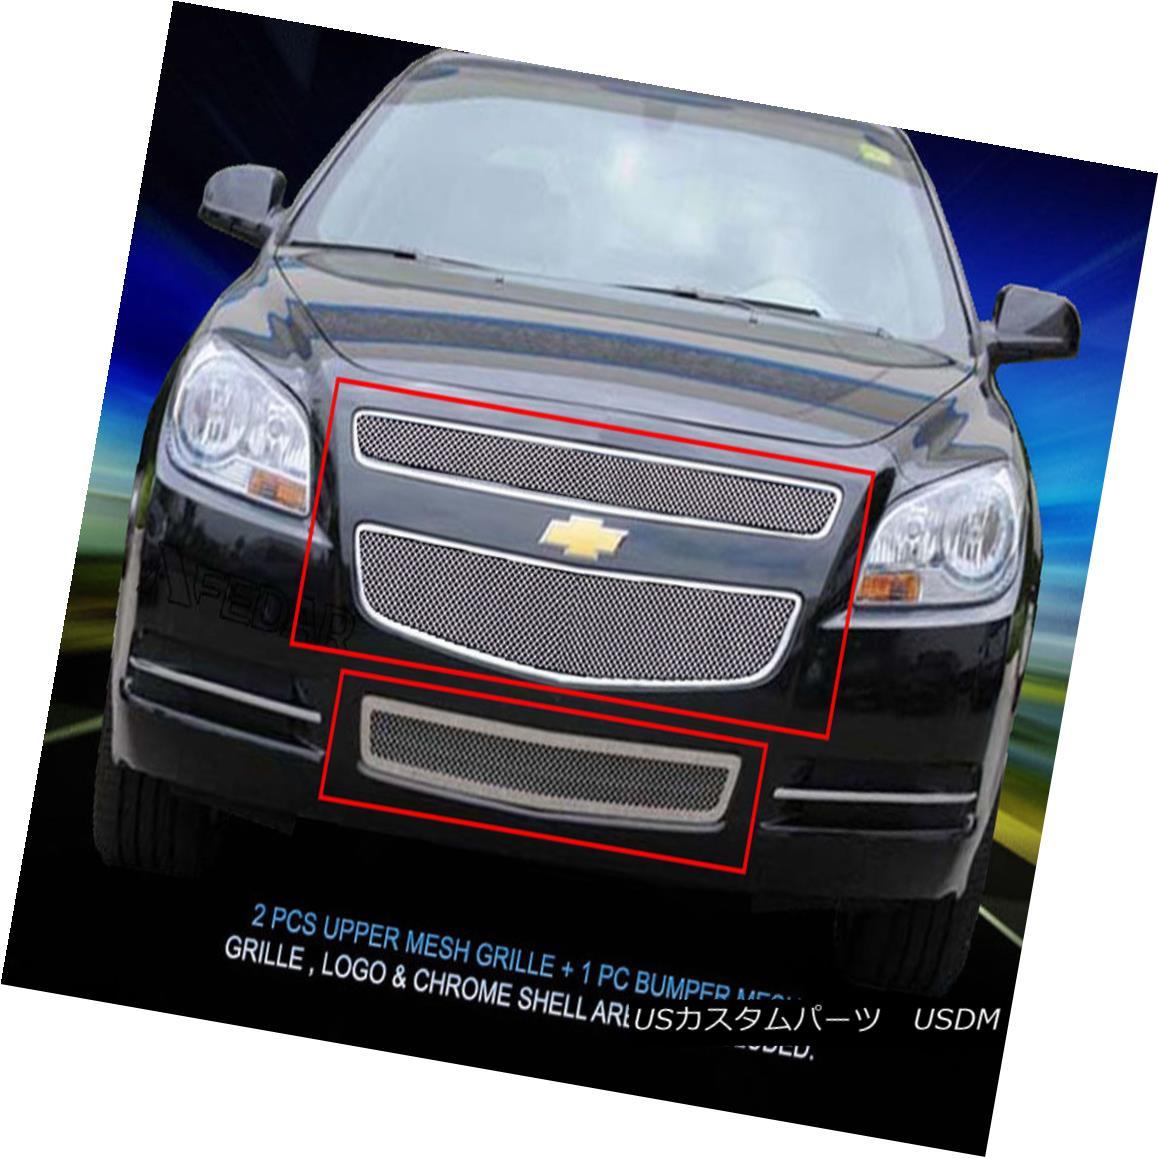 グリル 2008-2012 Chevy Malibu Stainless Steel Mesh Grille Combo Grill Insert Fedar 2008-2012シボレーマリブステンレスメッシュグリルコンボグリルインサートFedar